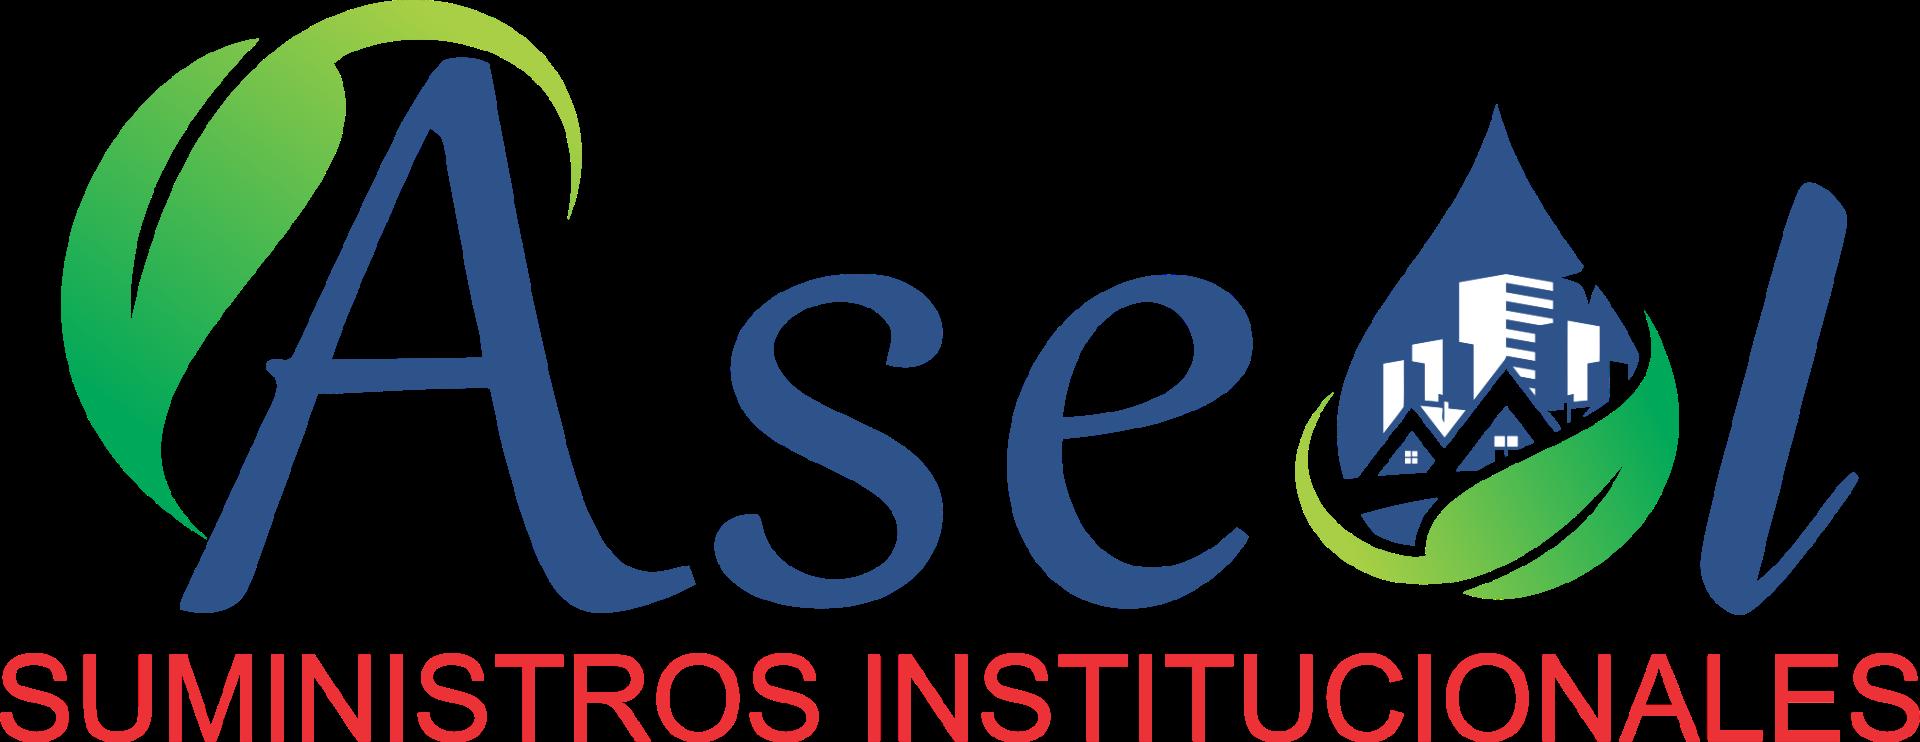 SUMINISTROS INSTITUCIONALES ASEOL SAS